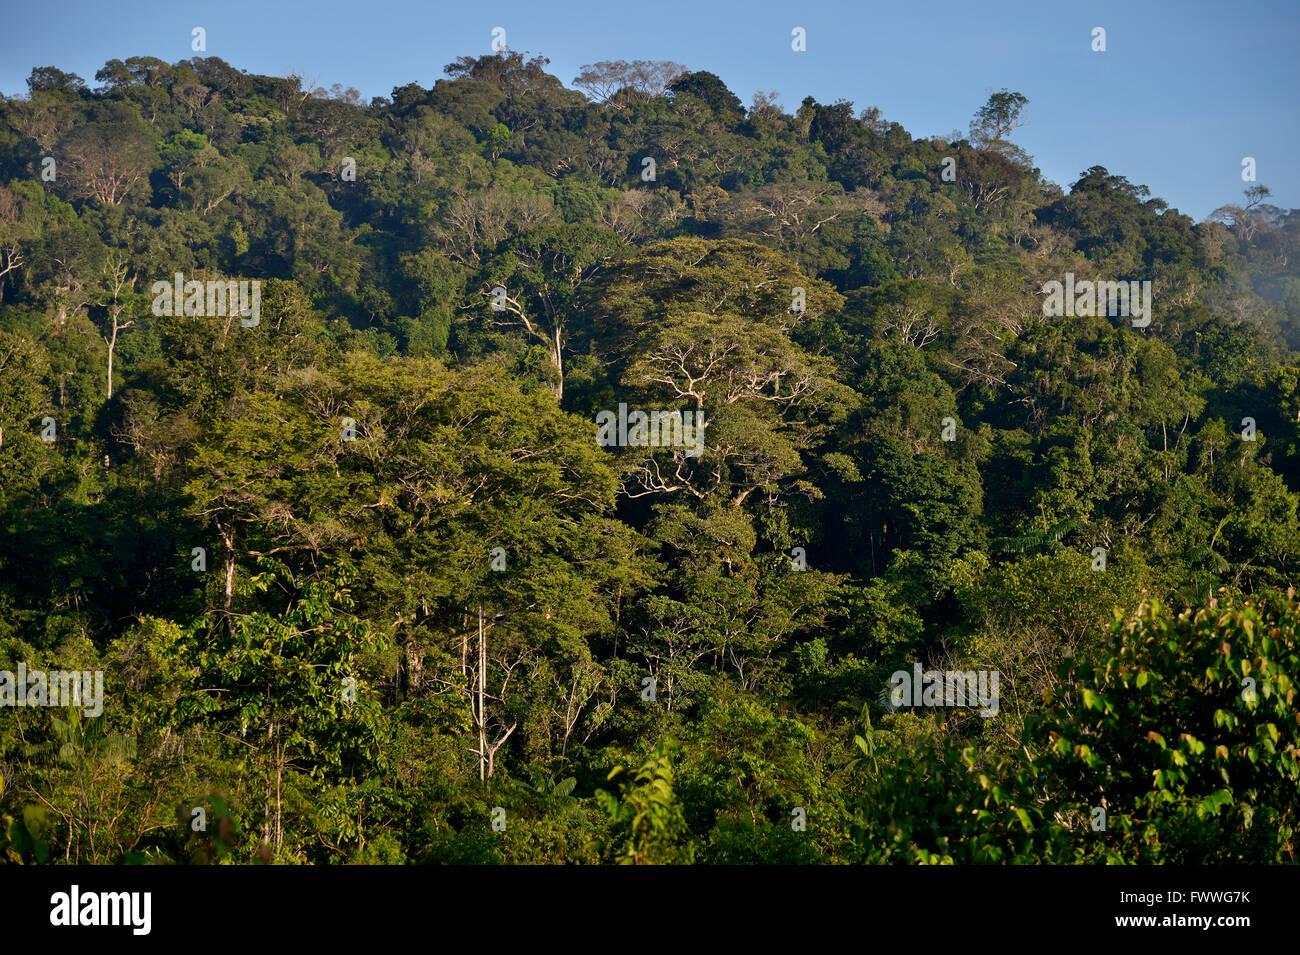 La foresta pluviale amazzonica Itaituba distretto, Pará, Brasile Immagini Stock